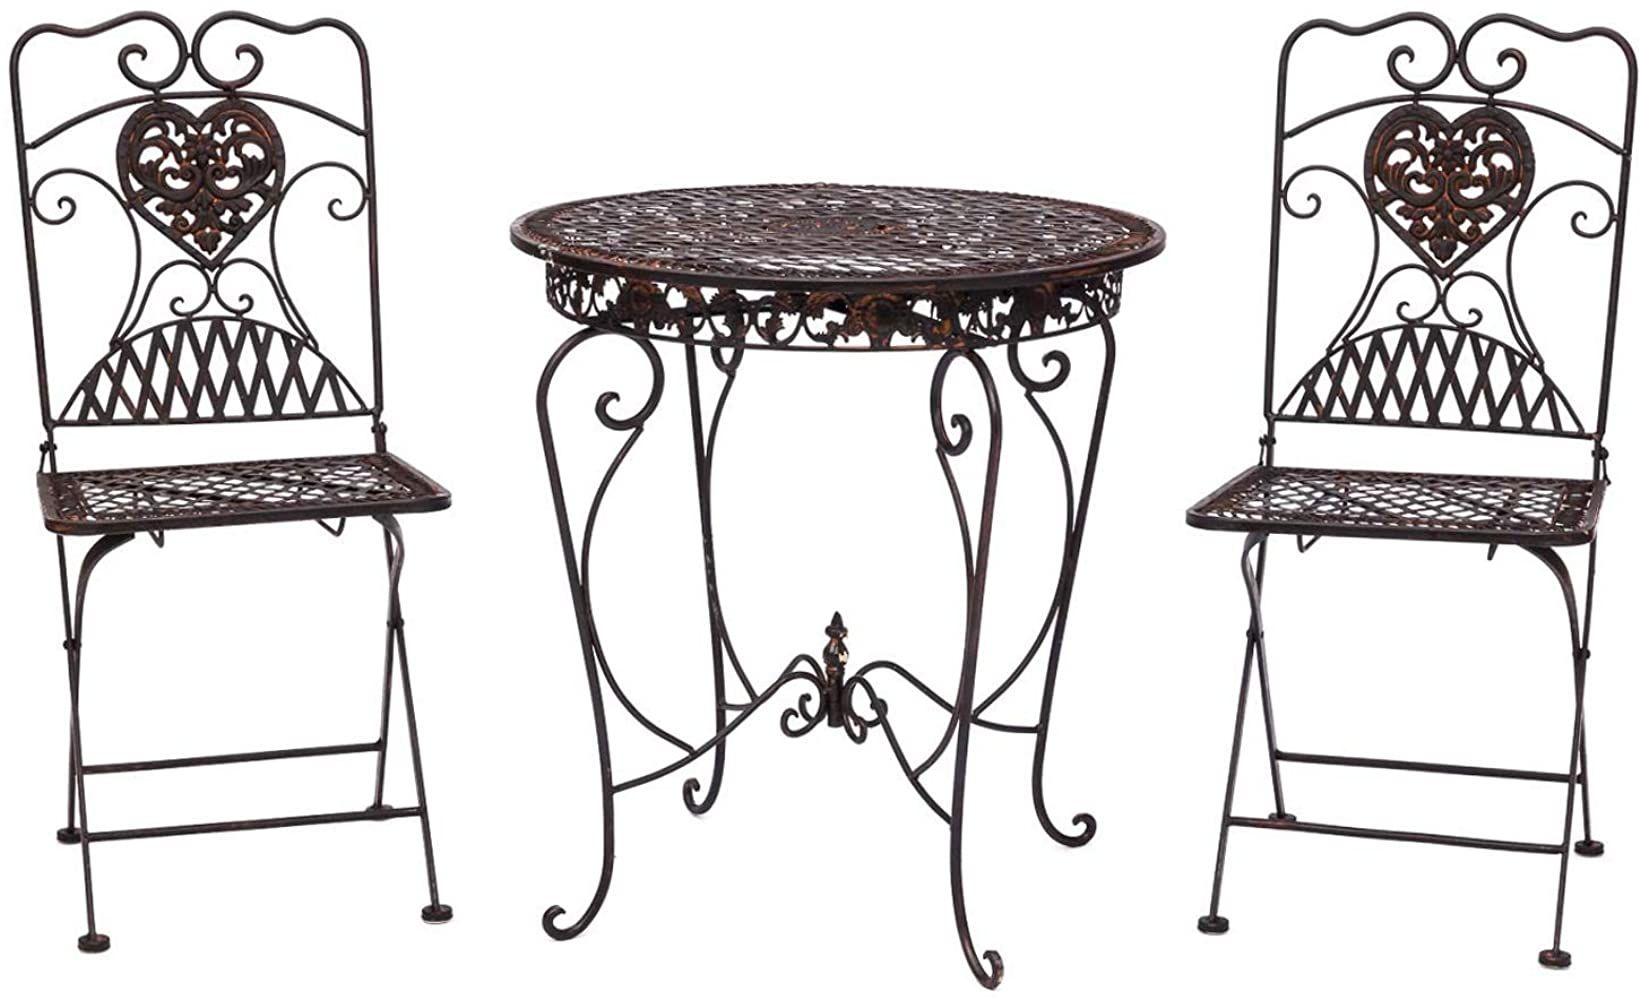 Aubaho Gartentisch 2x Stuhl Eisen Antik Stil Bistromobel